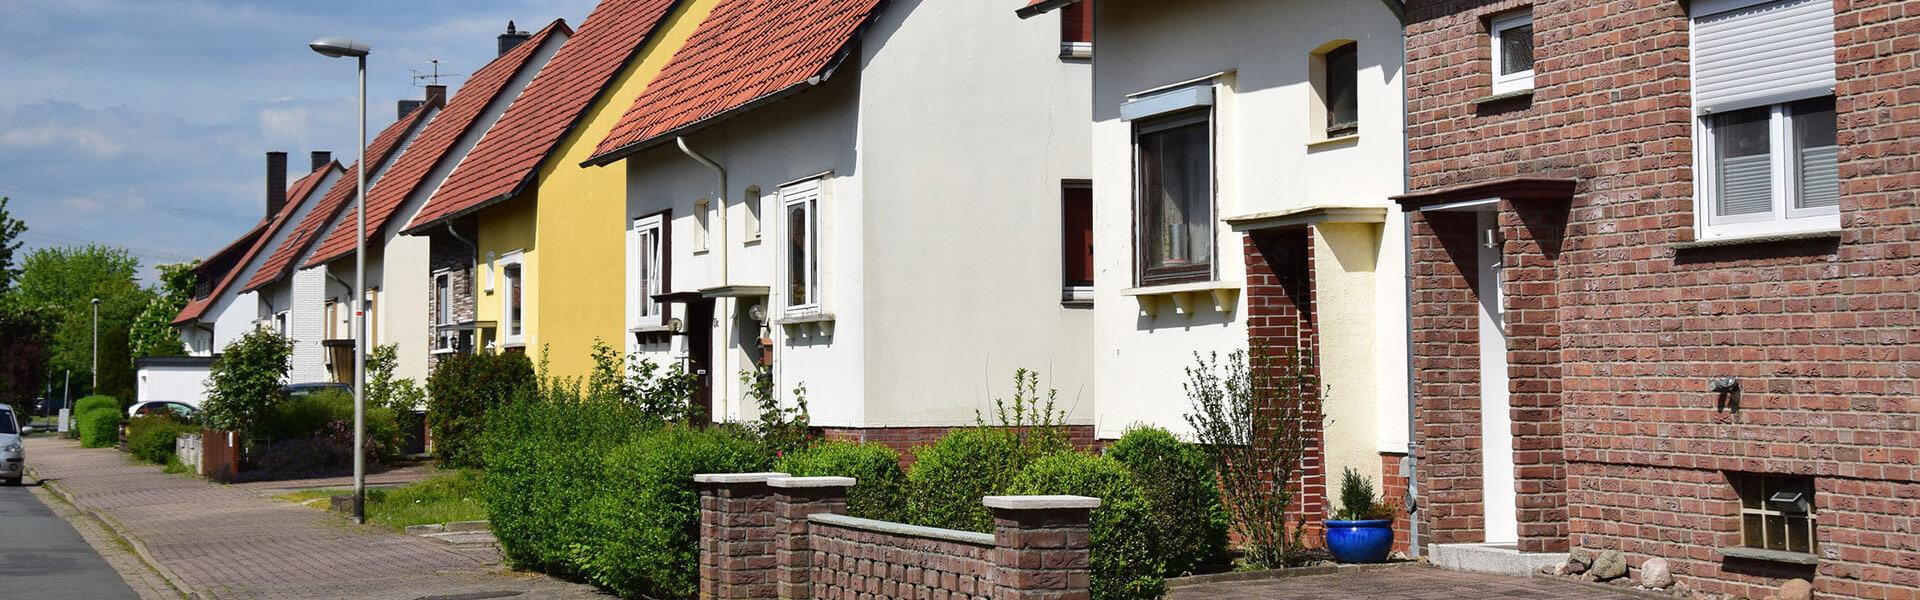 ihr immobiliengutachter in l beck hamburg ostholstein. Black Bedroom Furniture Sets. Home Design Ideas